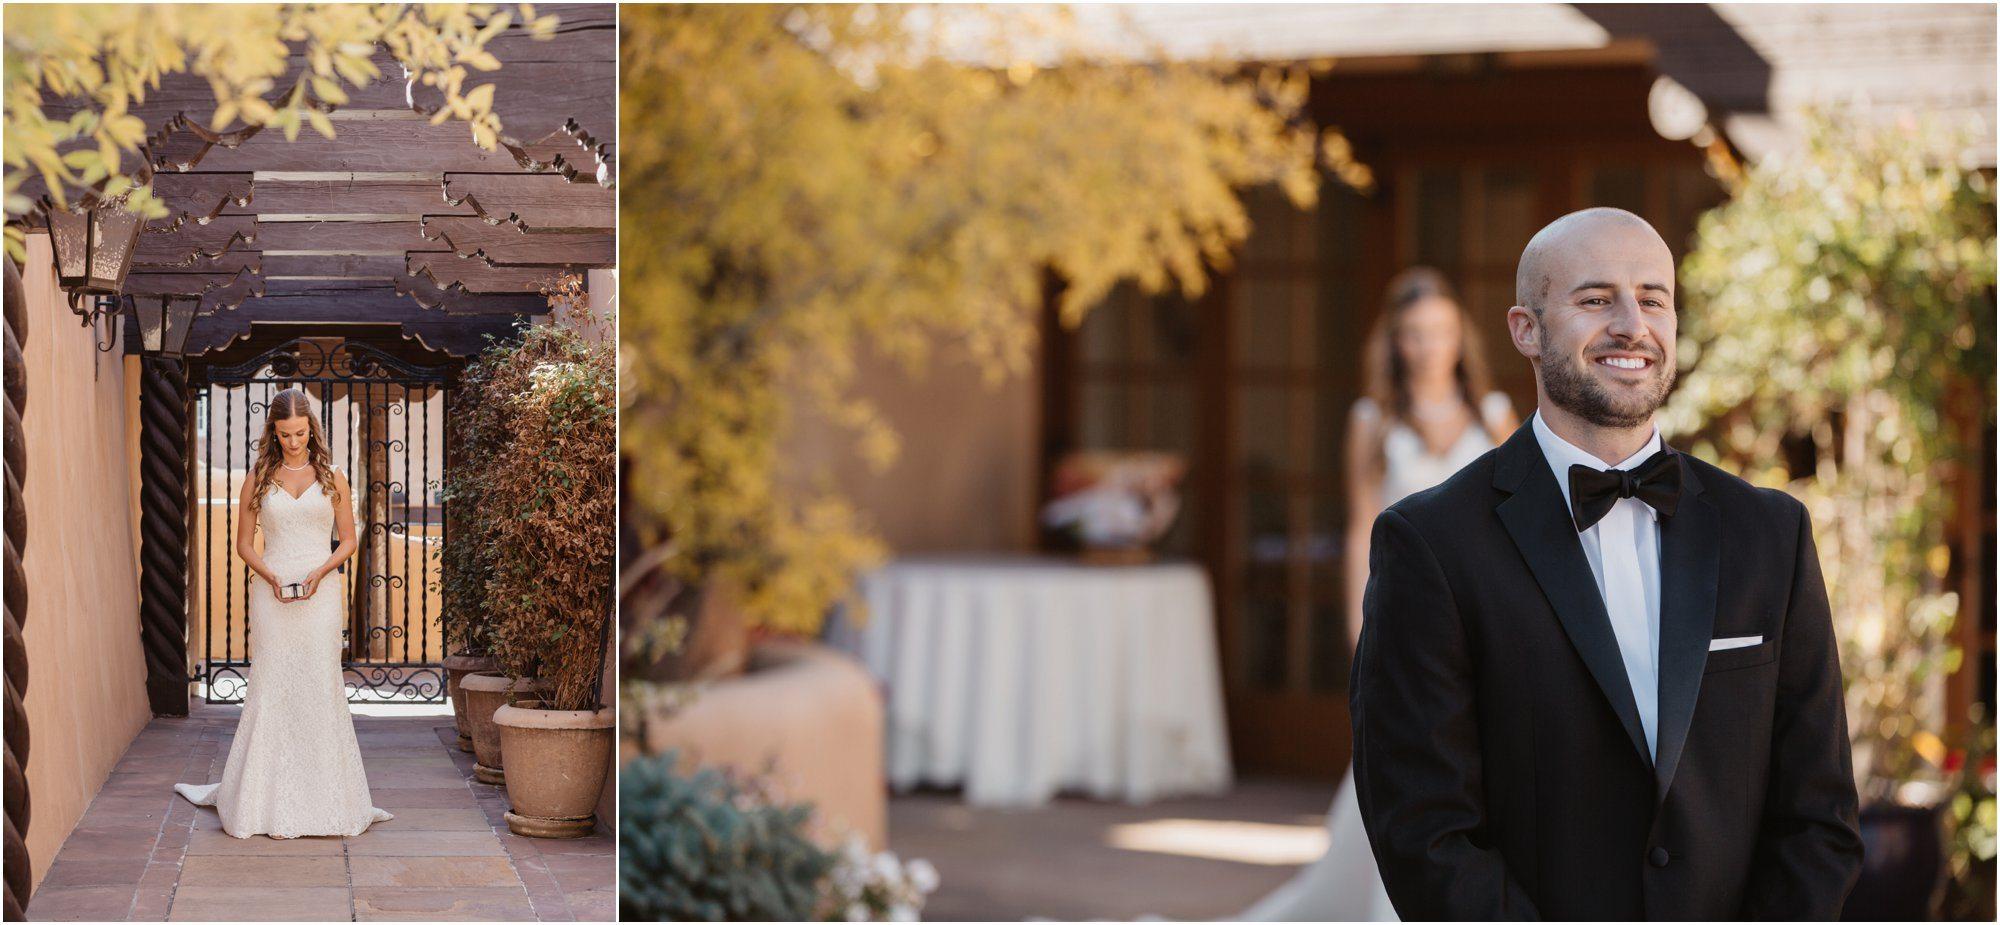 0022albuquerque-wedding-photographer_-santa-fe-wedding-photography_blue-rose-studio